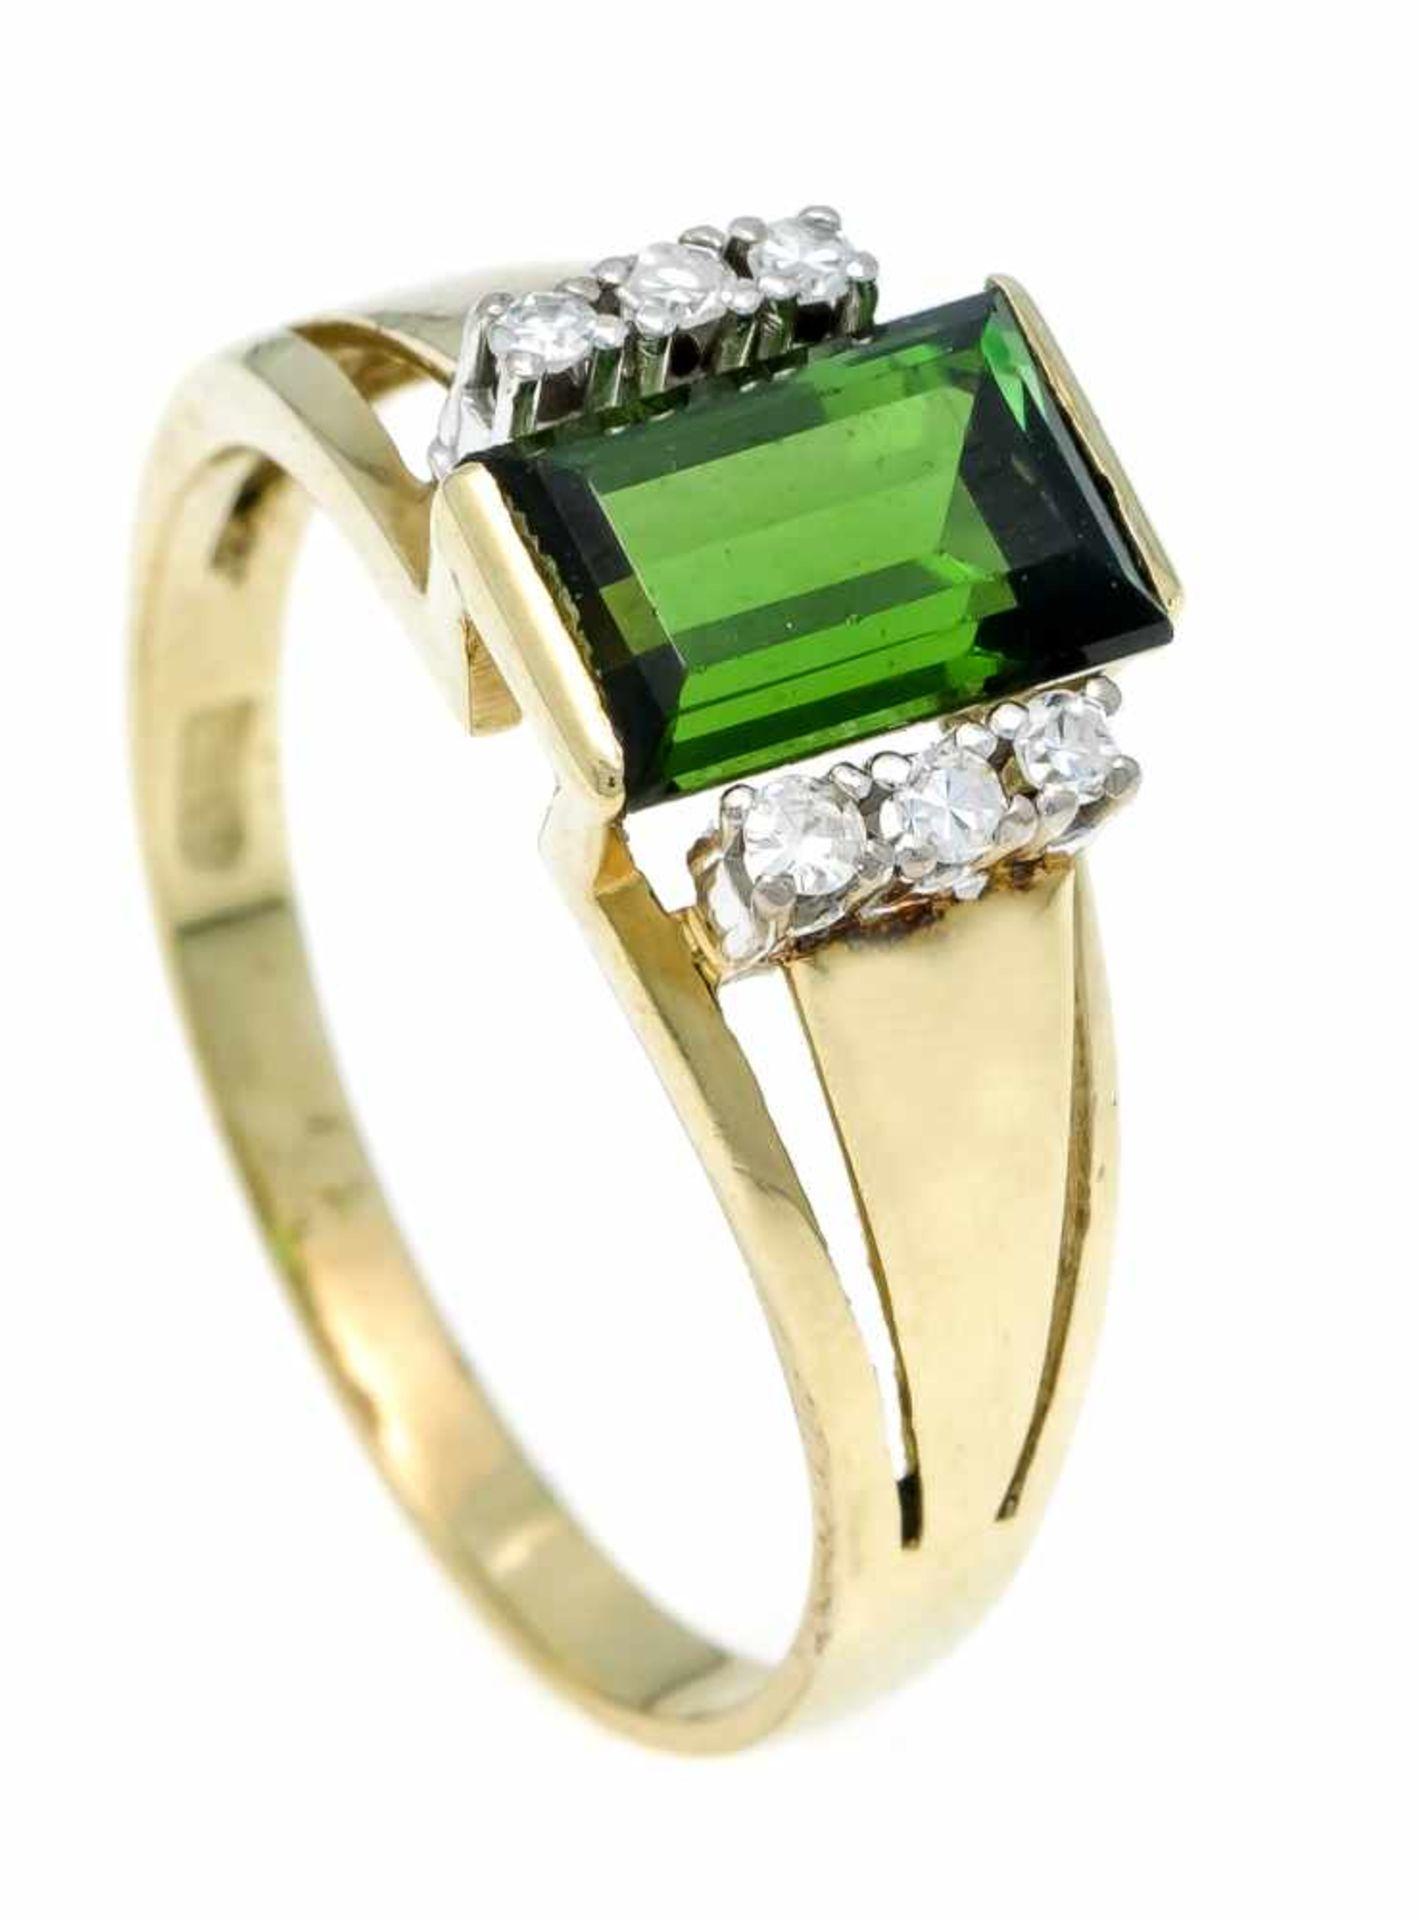 Turmalin-Diamant-Ring GG 585/000 mit einem im Baguetteschliff fac. Turmalin 8,5 x 6 mm in sehr guter